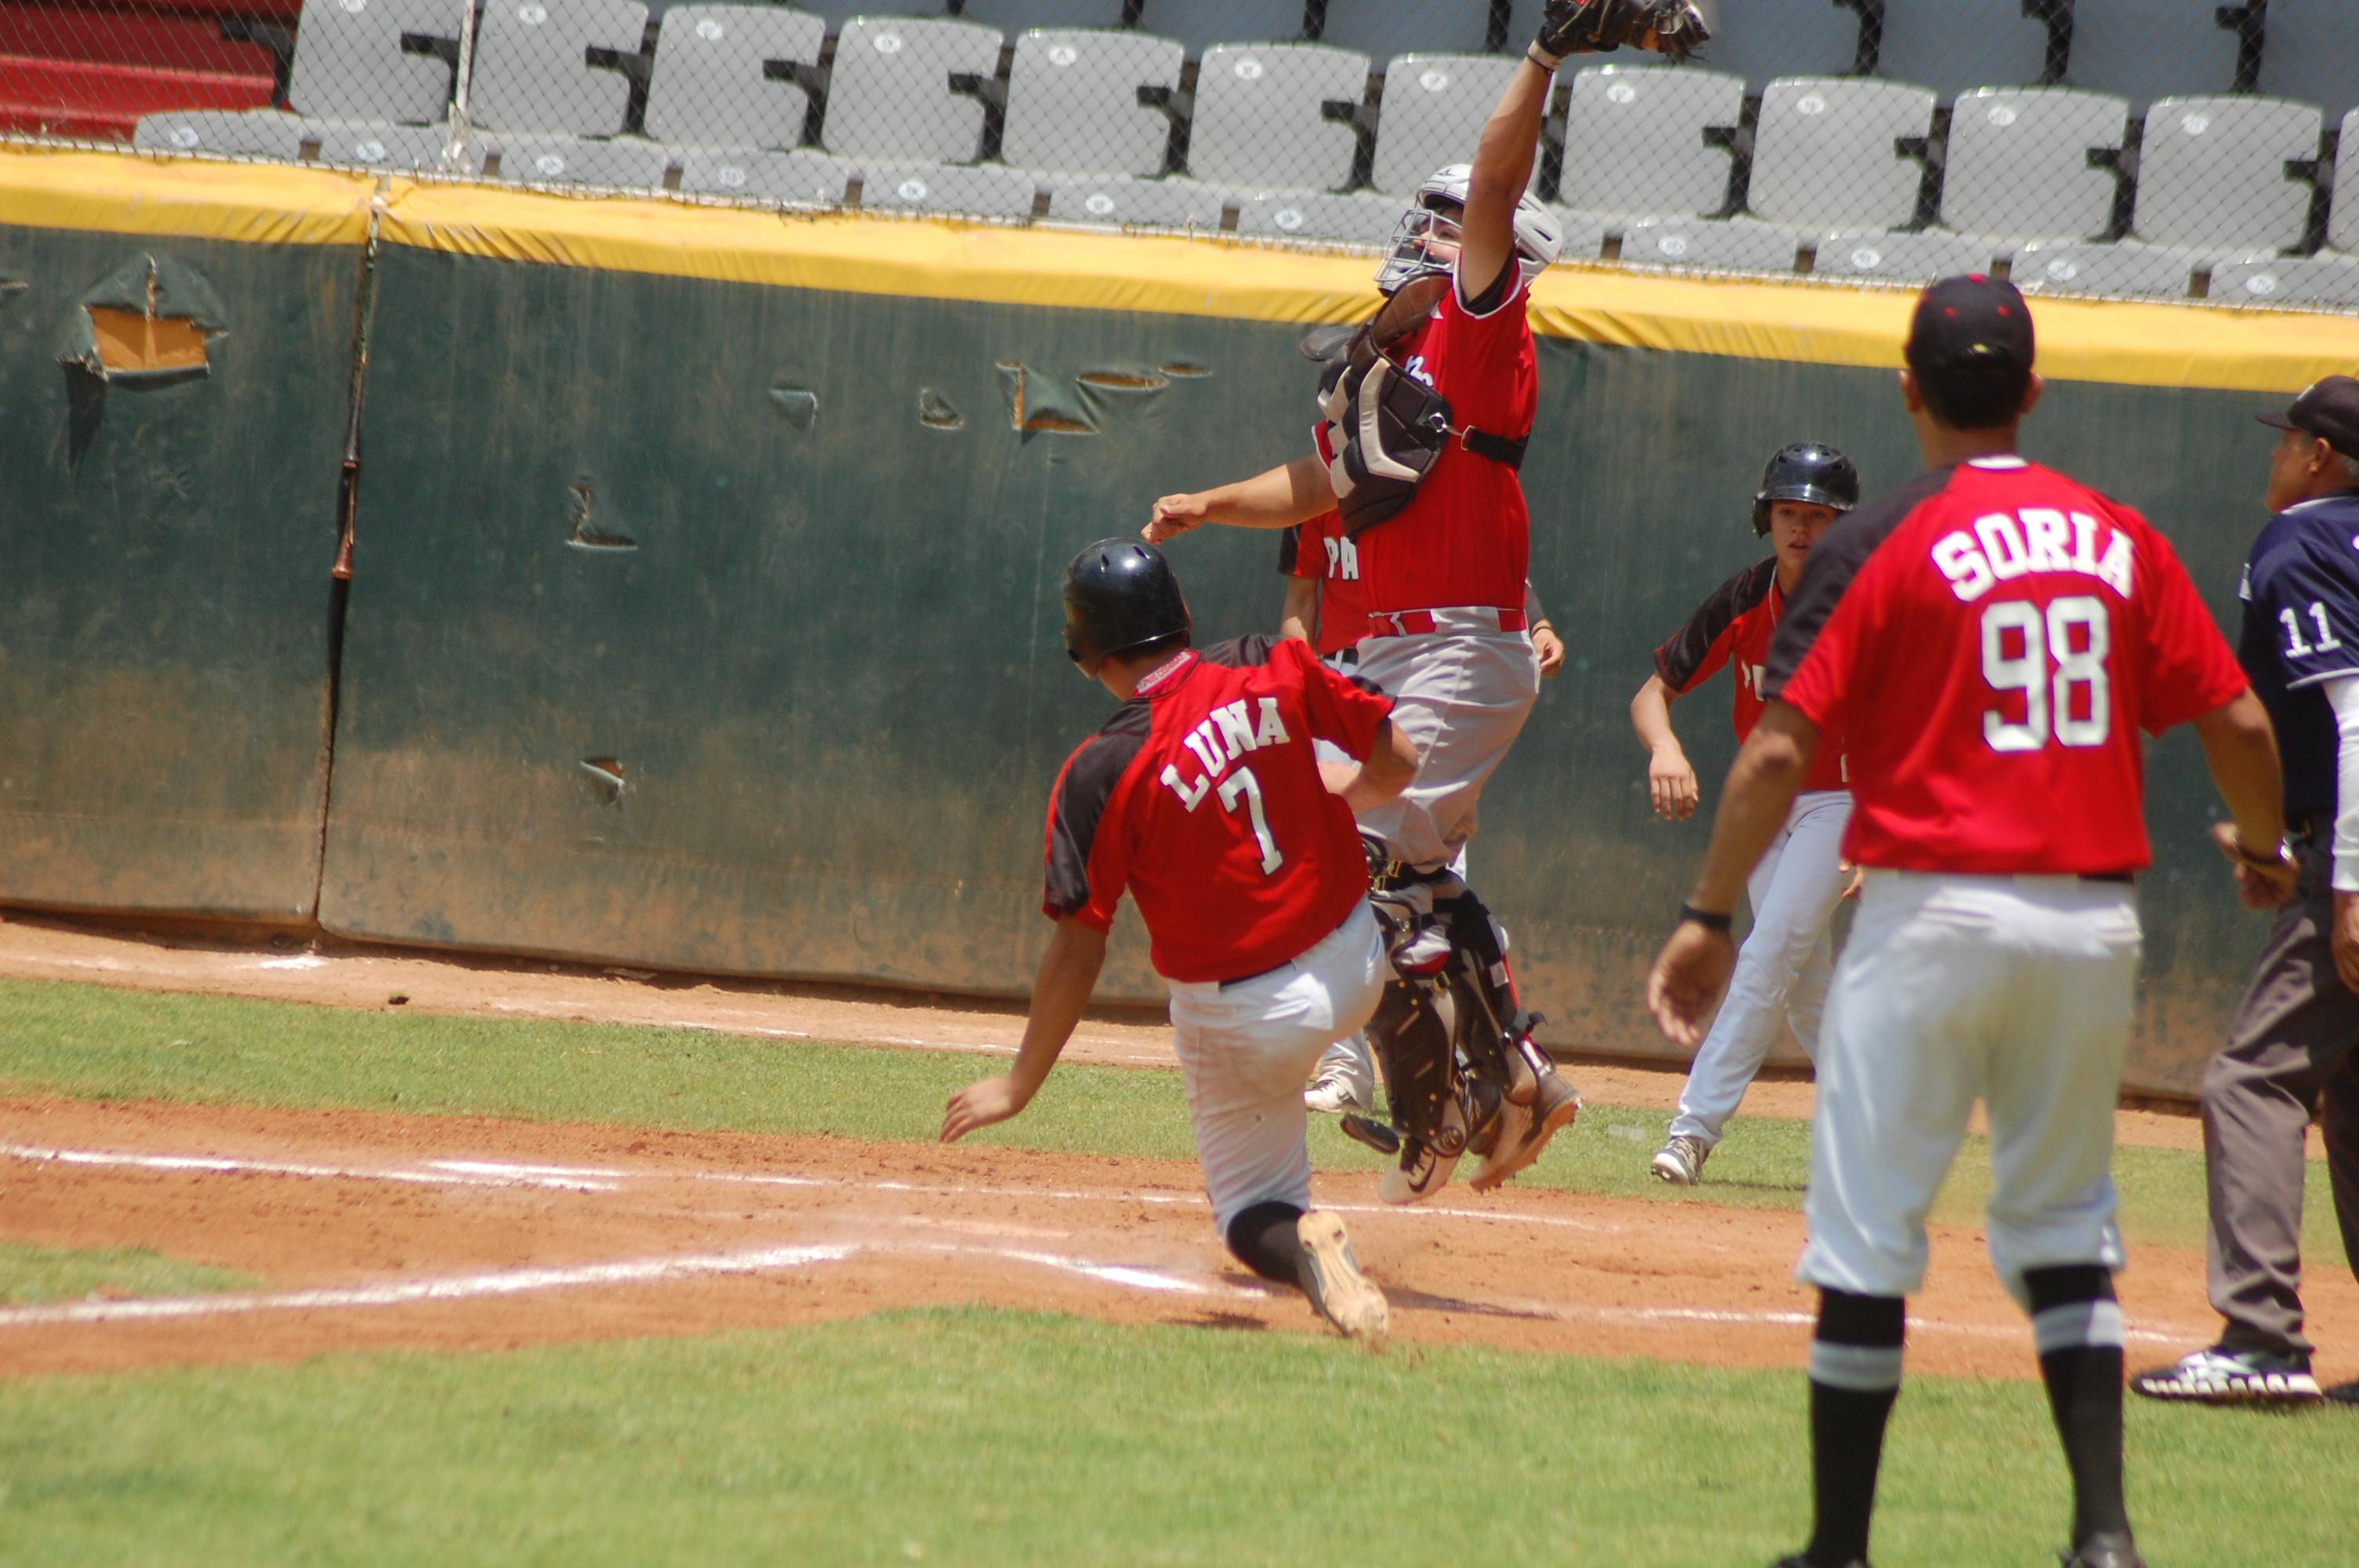 CARLOS LUNA llegó a home en vistosa jugada con la segunda carrera de los Mineritos.